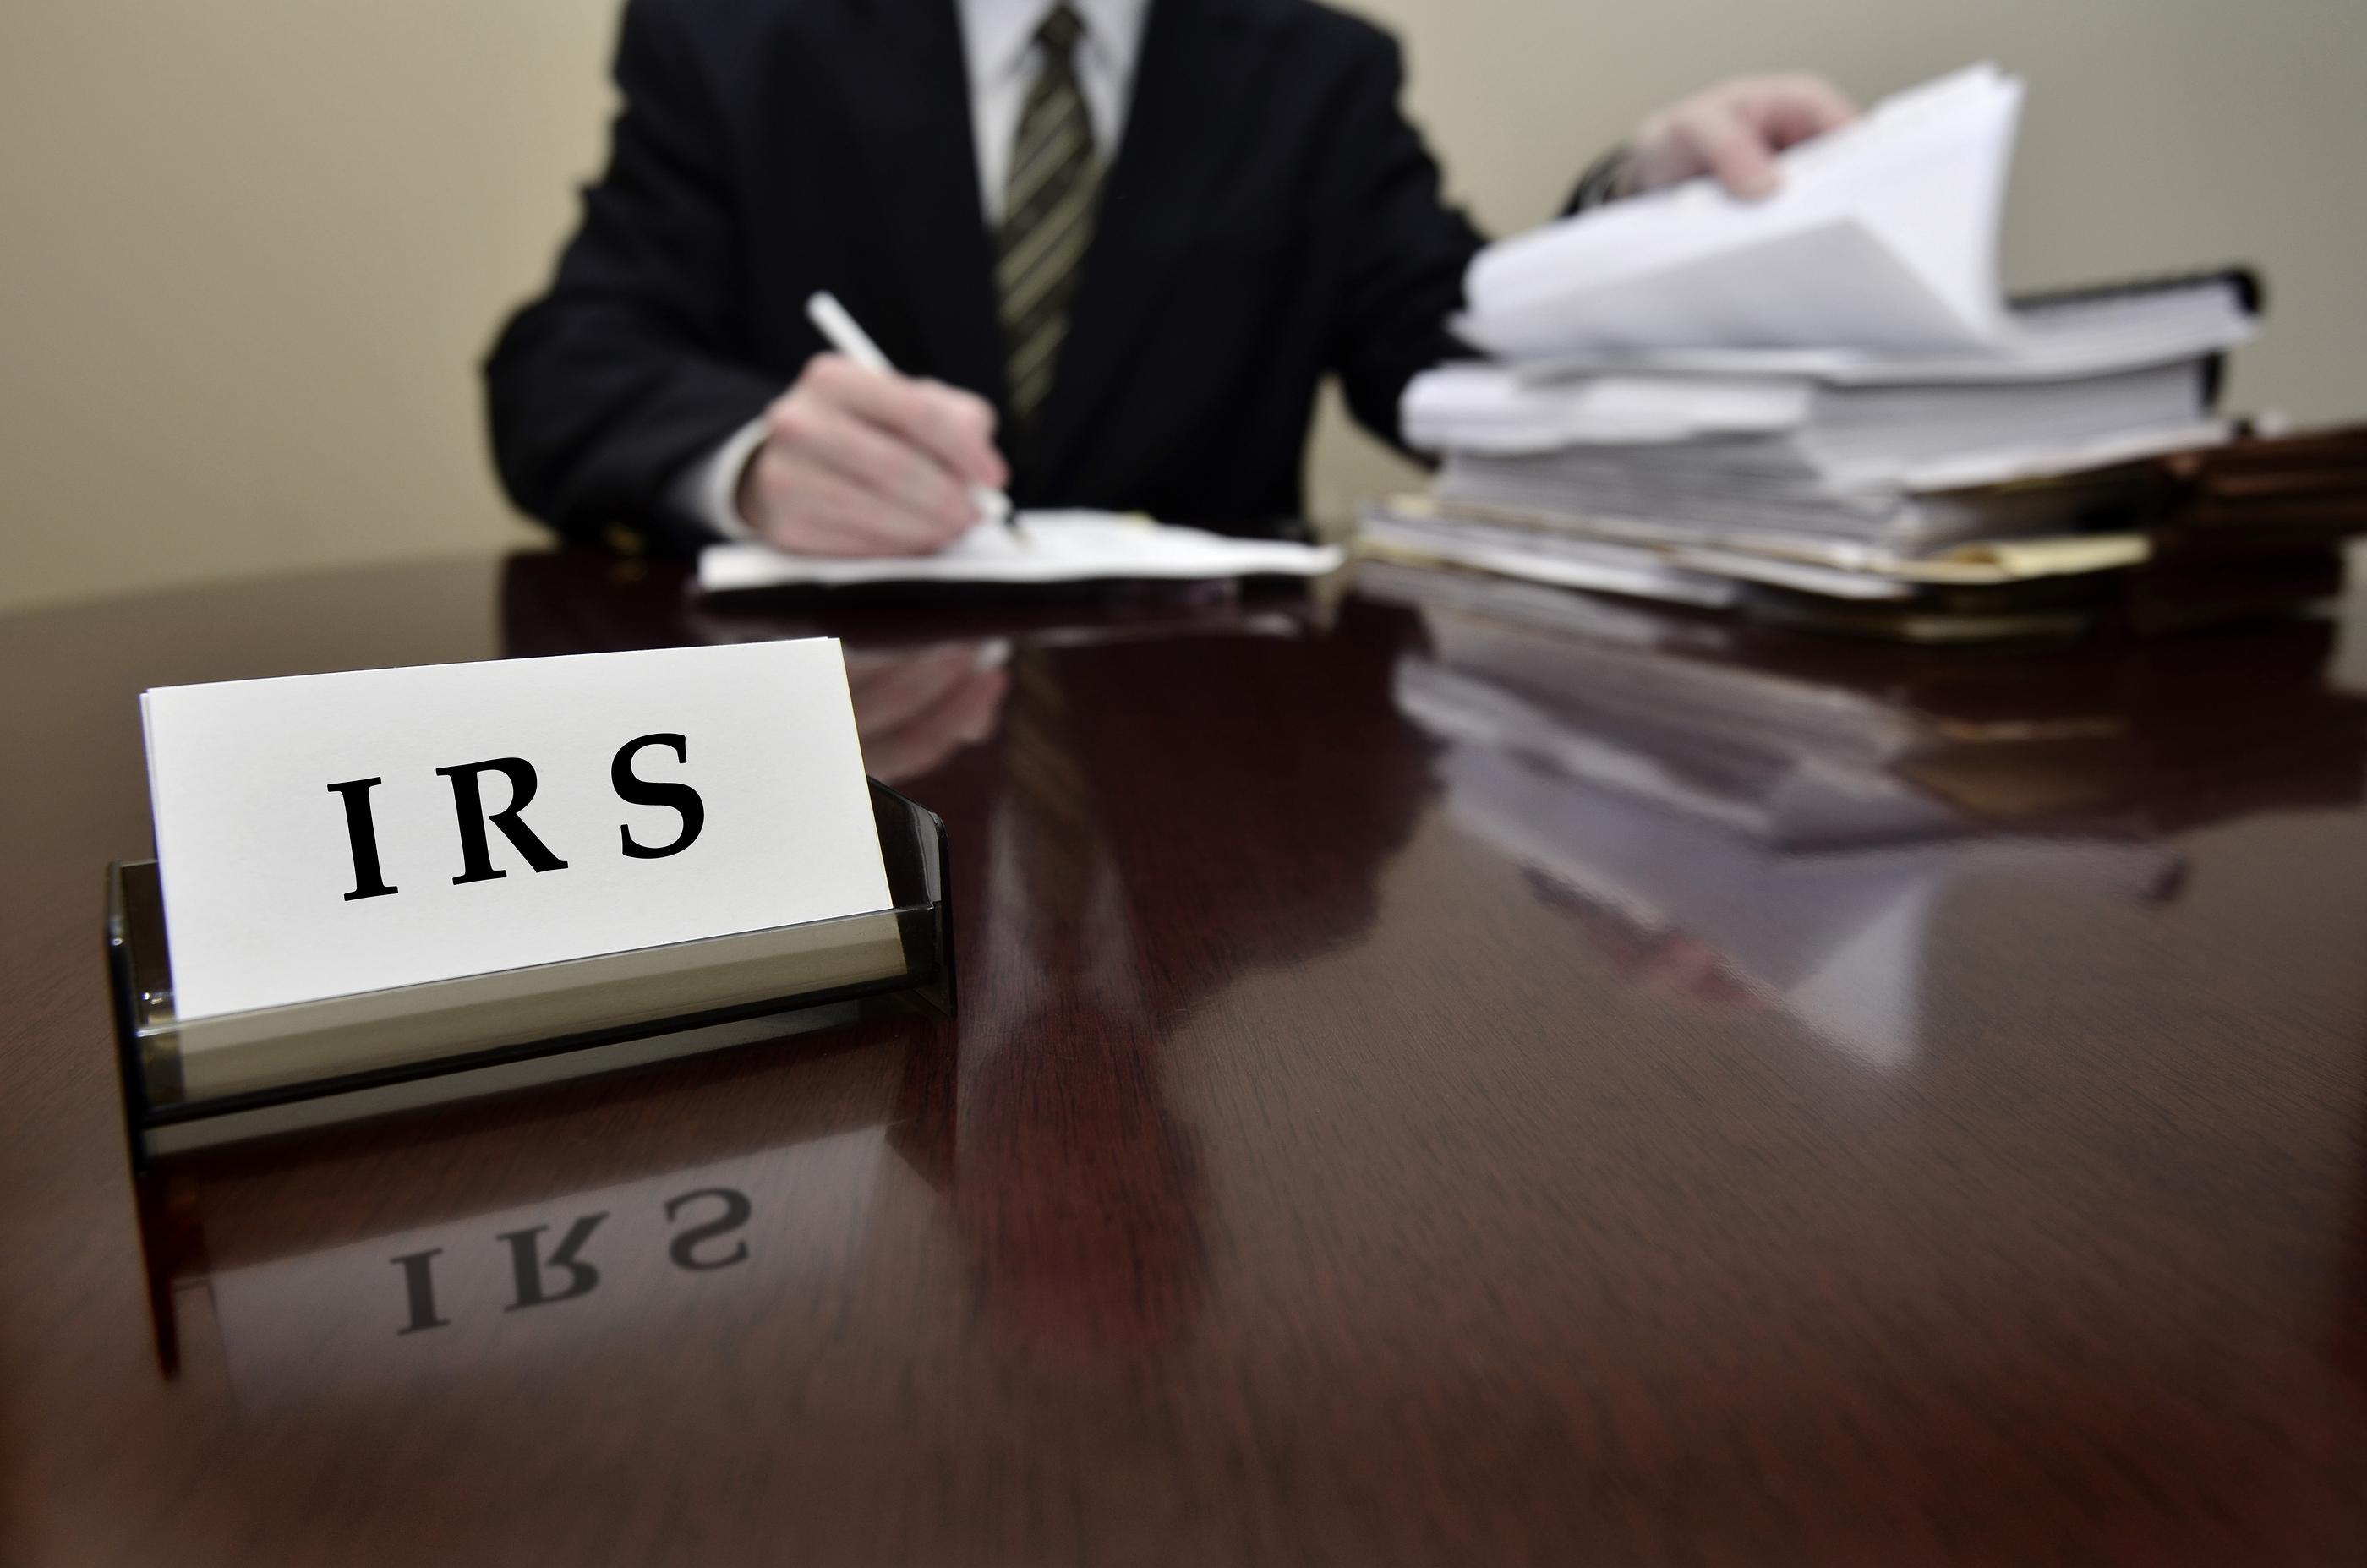 IRS tax law